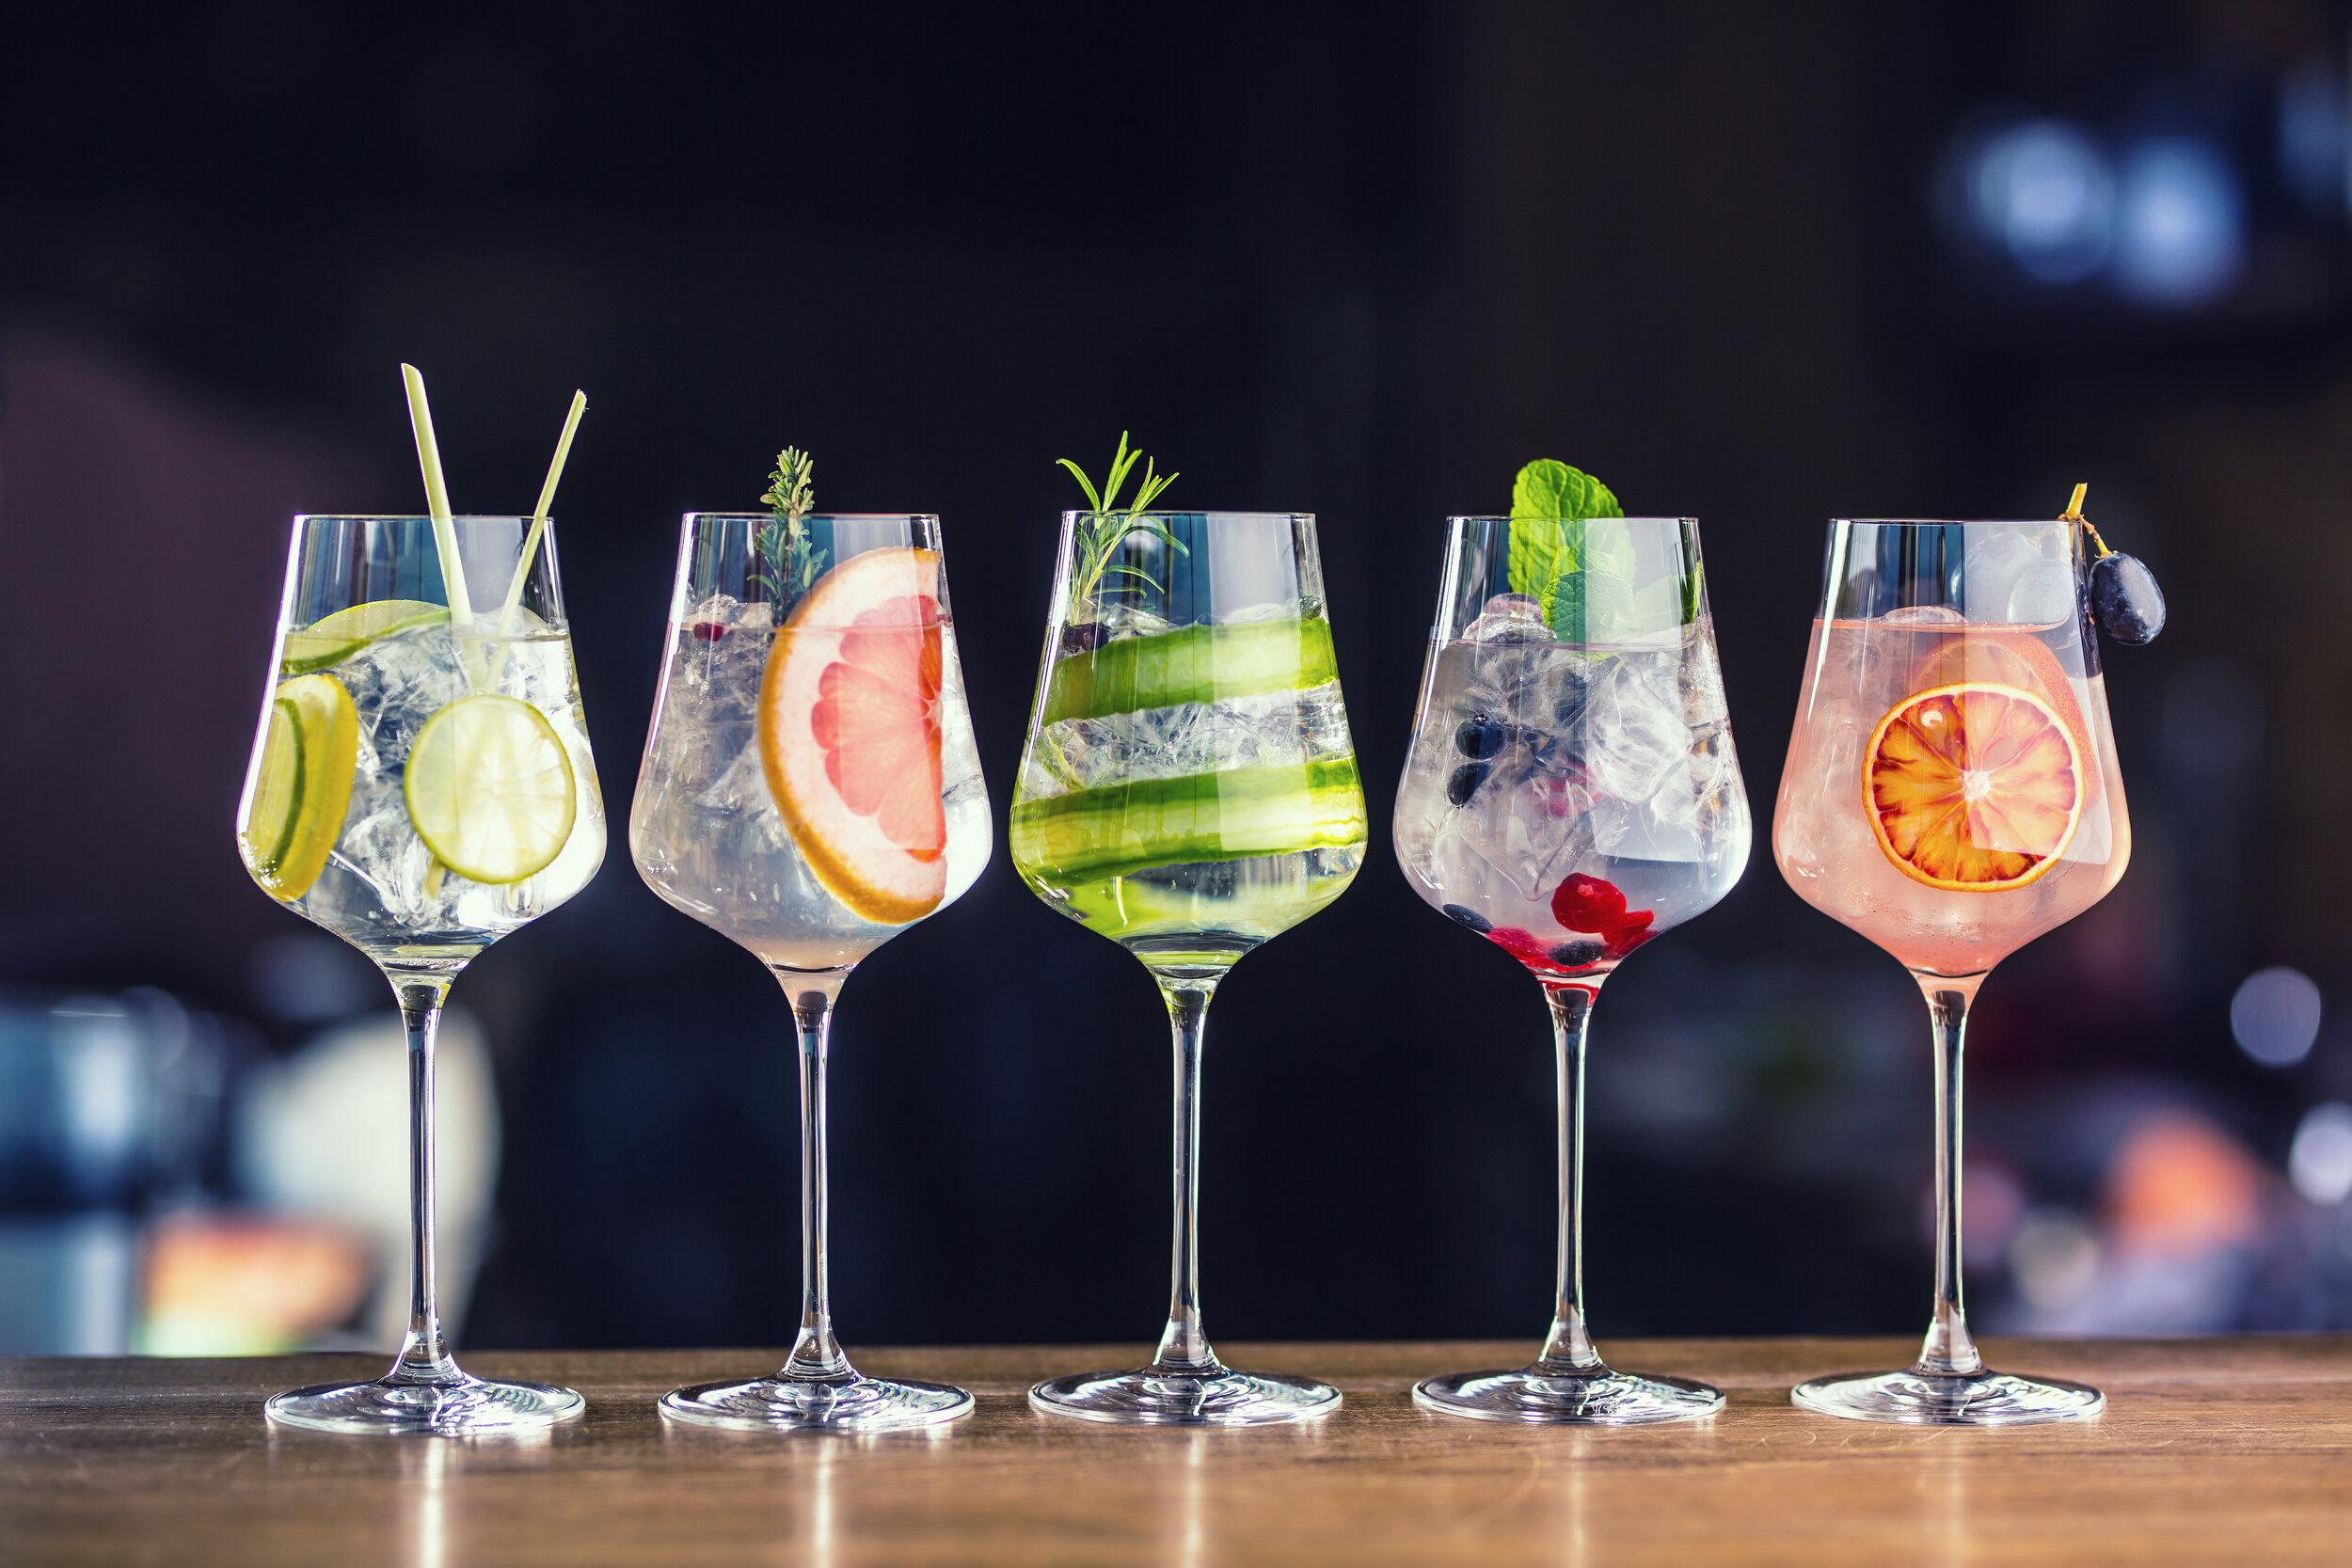 Le Boulevardier Restaurant & Fâneur Bar Lounge at Le